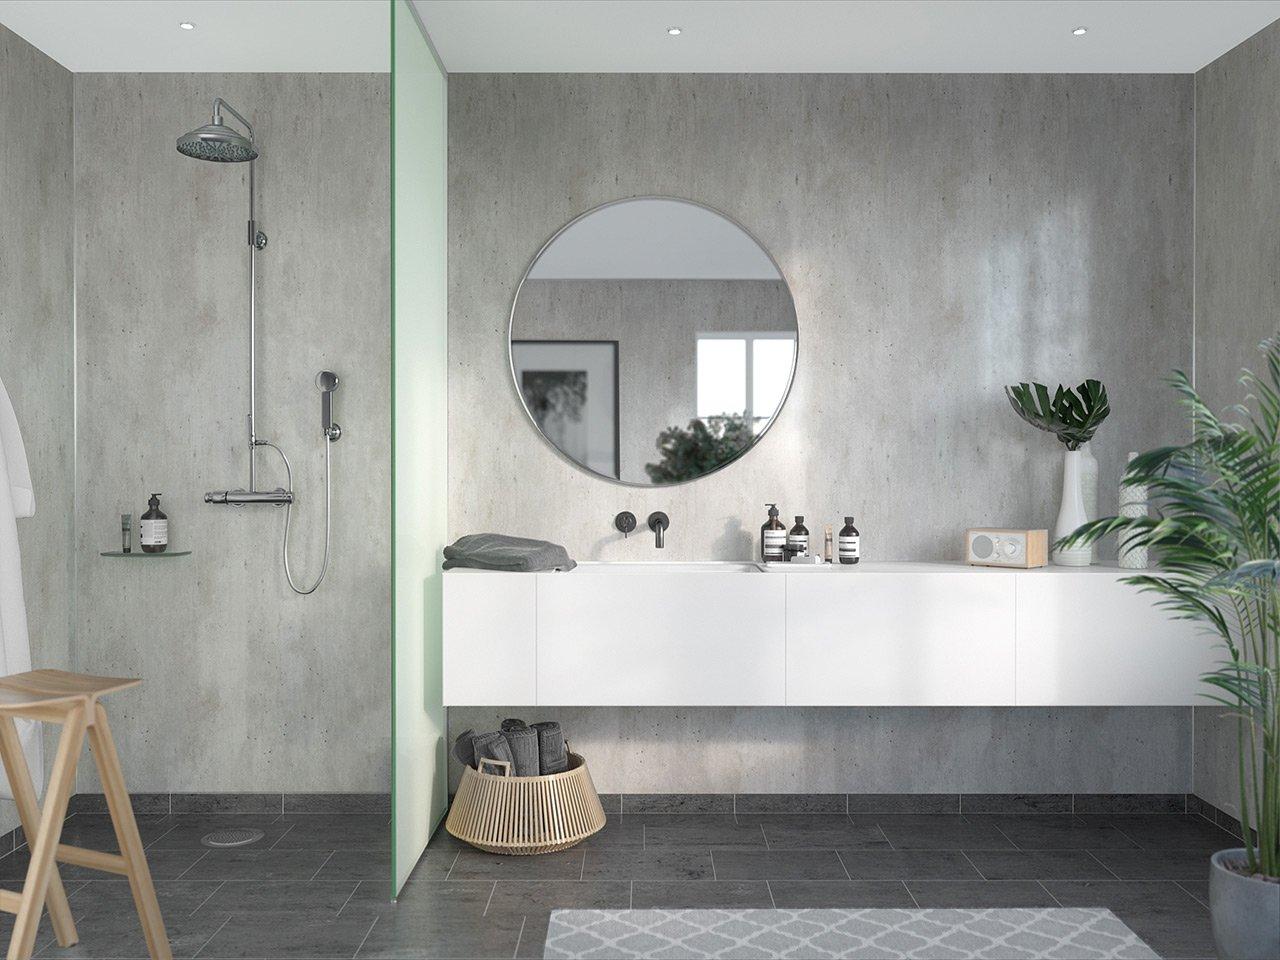 Grey stone-look bathroom wall panels